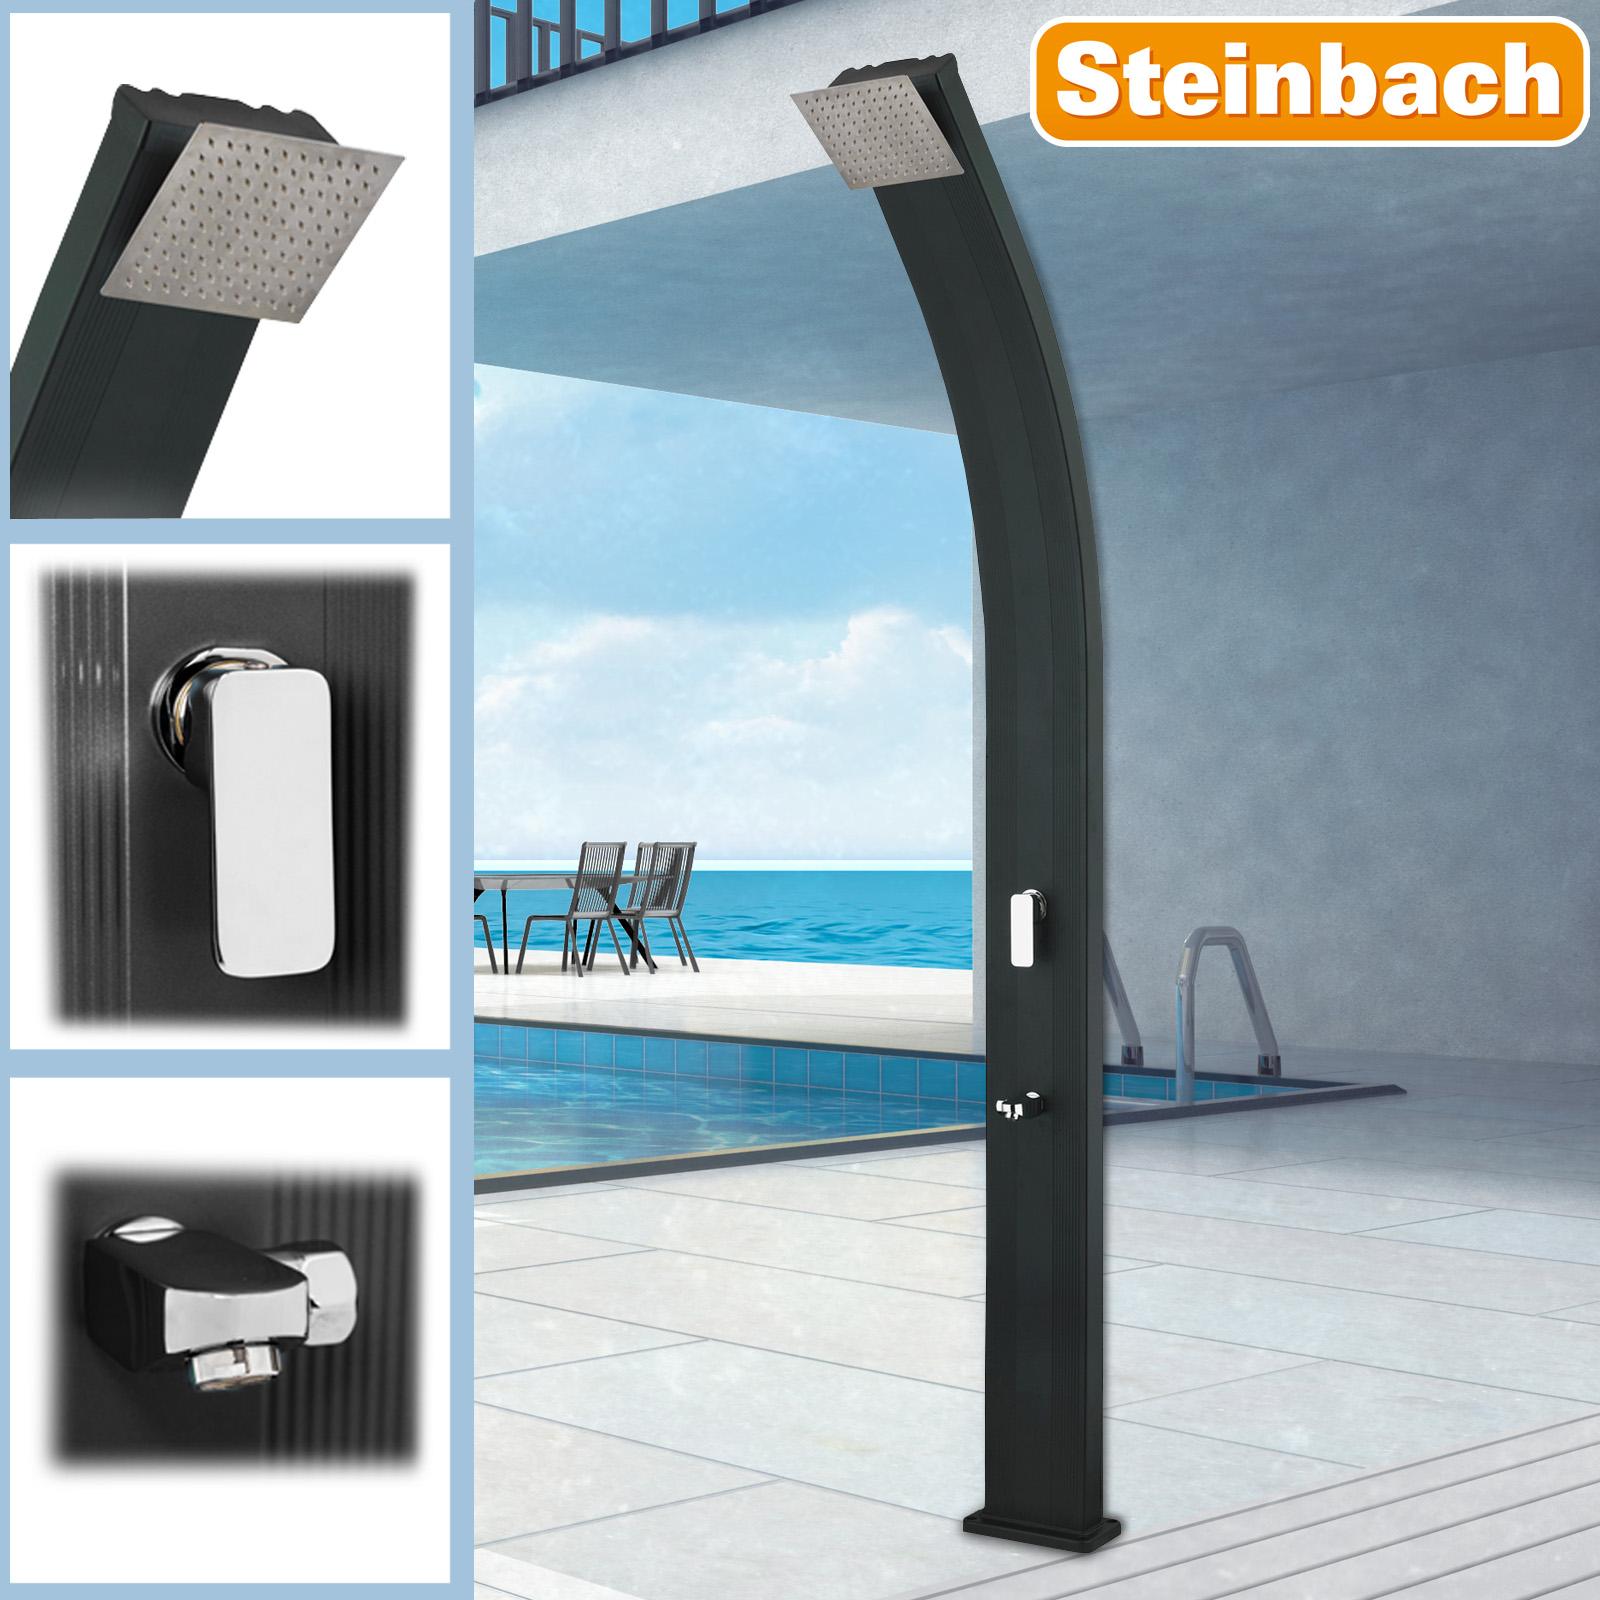 Steinbach Solardusche Slim Line Deluxe schwarz 49045